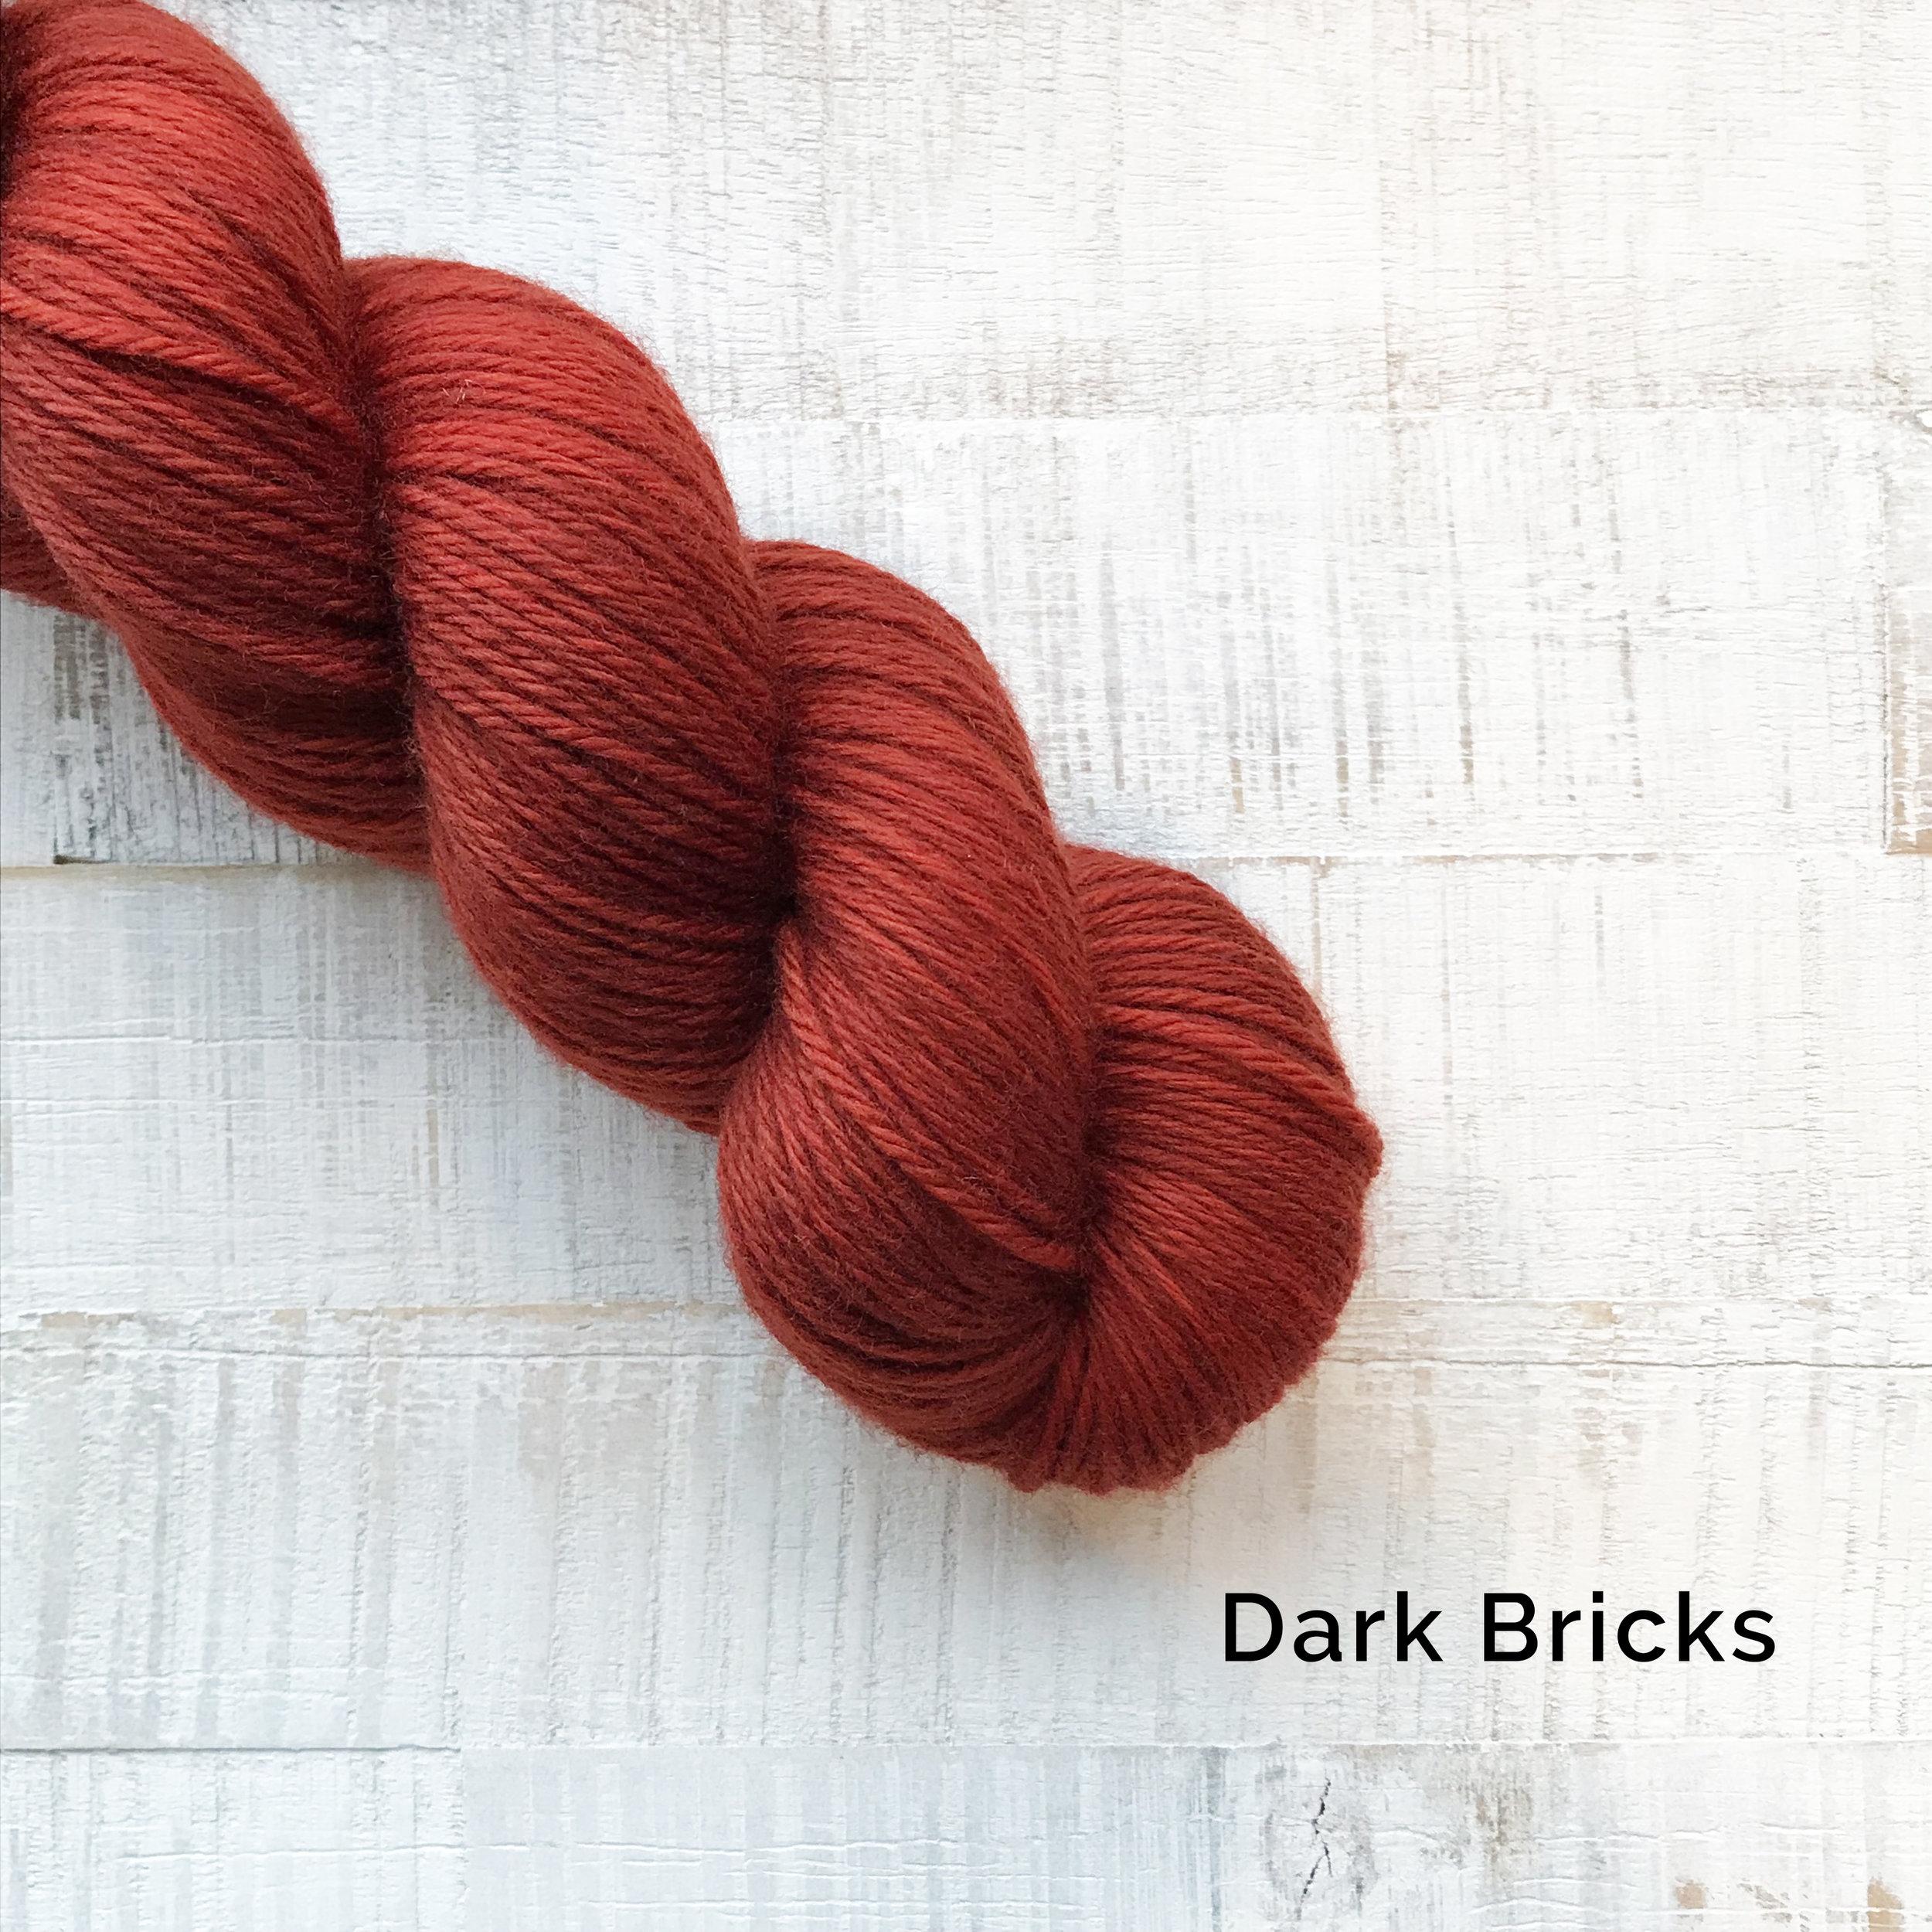 DarkBricks.jpg